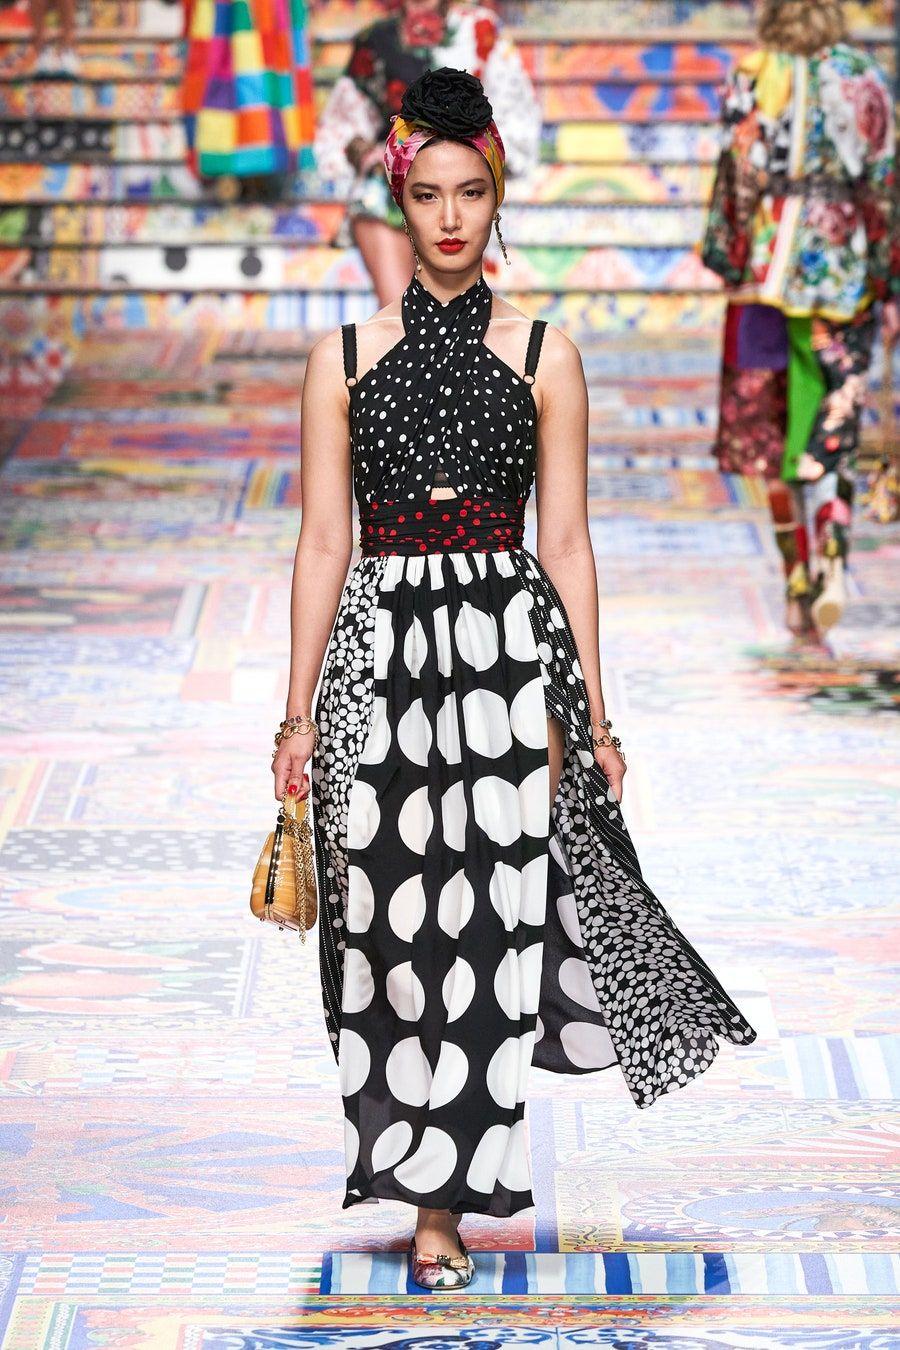 Dolce & Gabbana Spring 8 Ready-to-Wear Fashion Show  Fashion